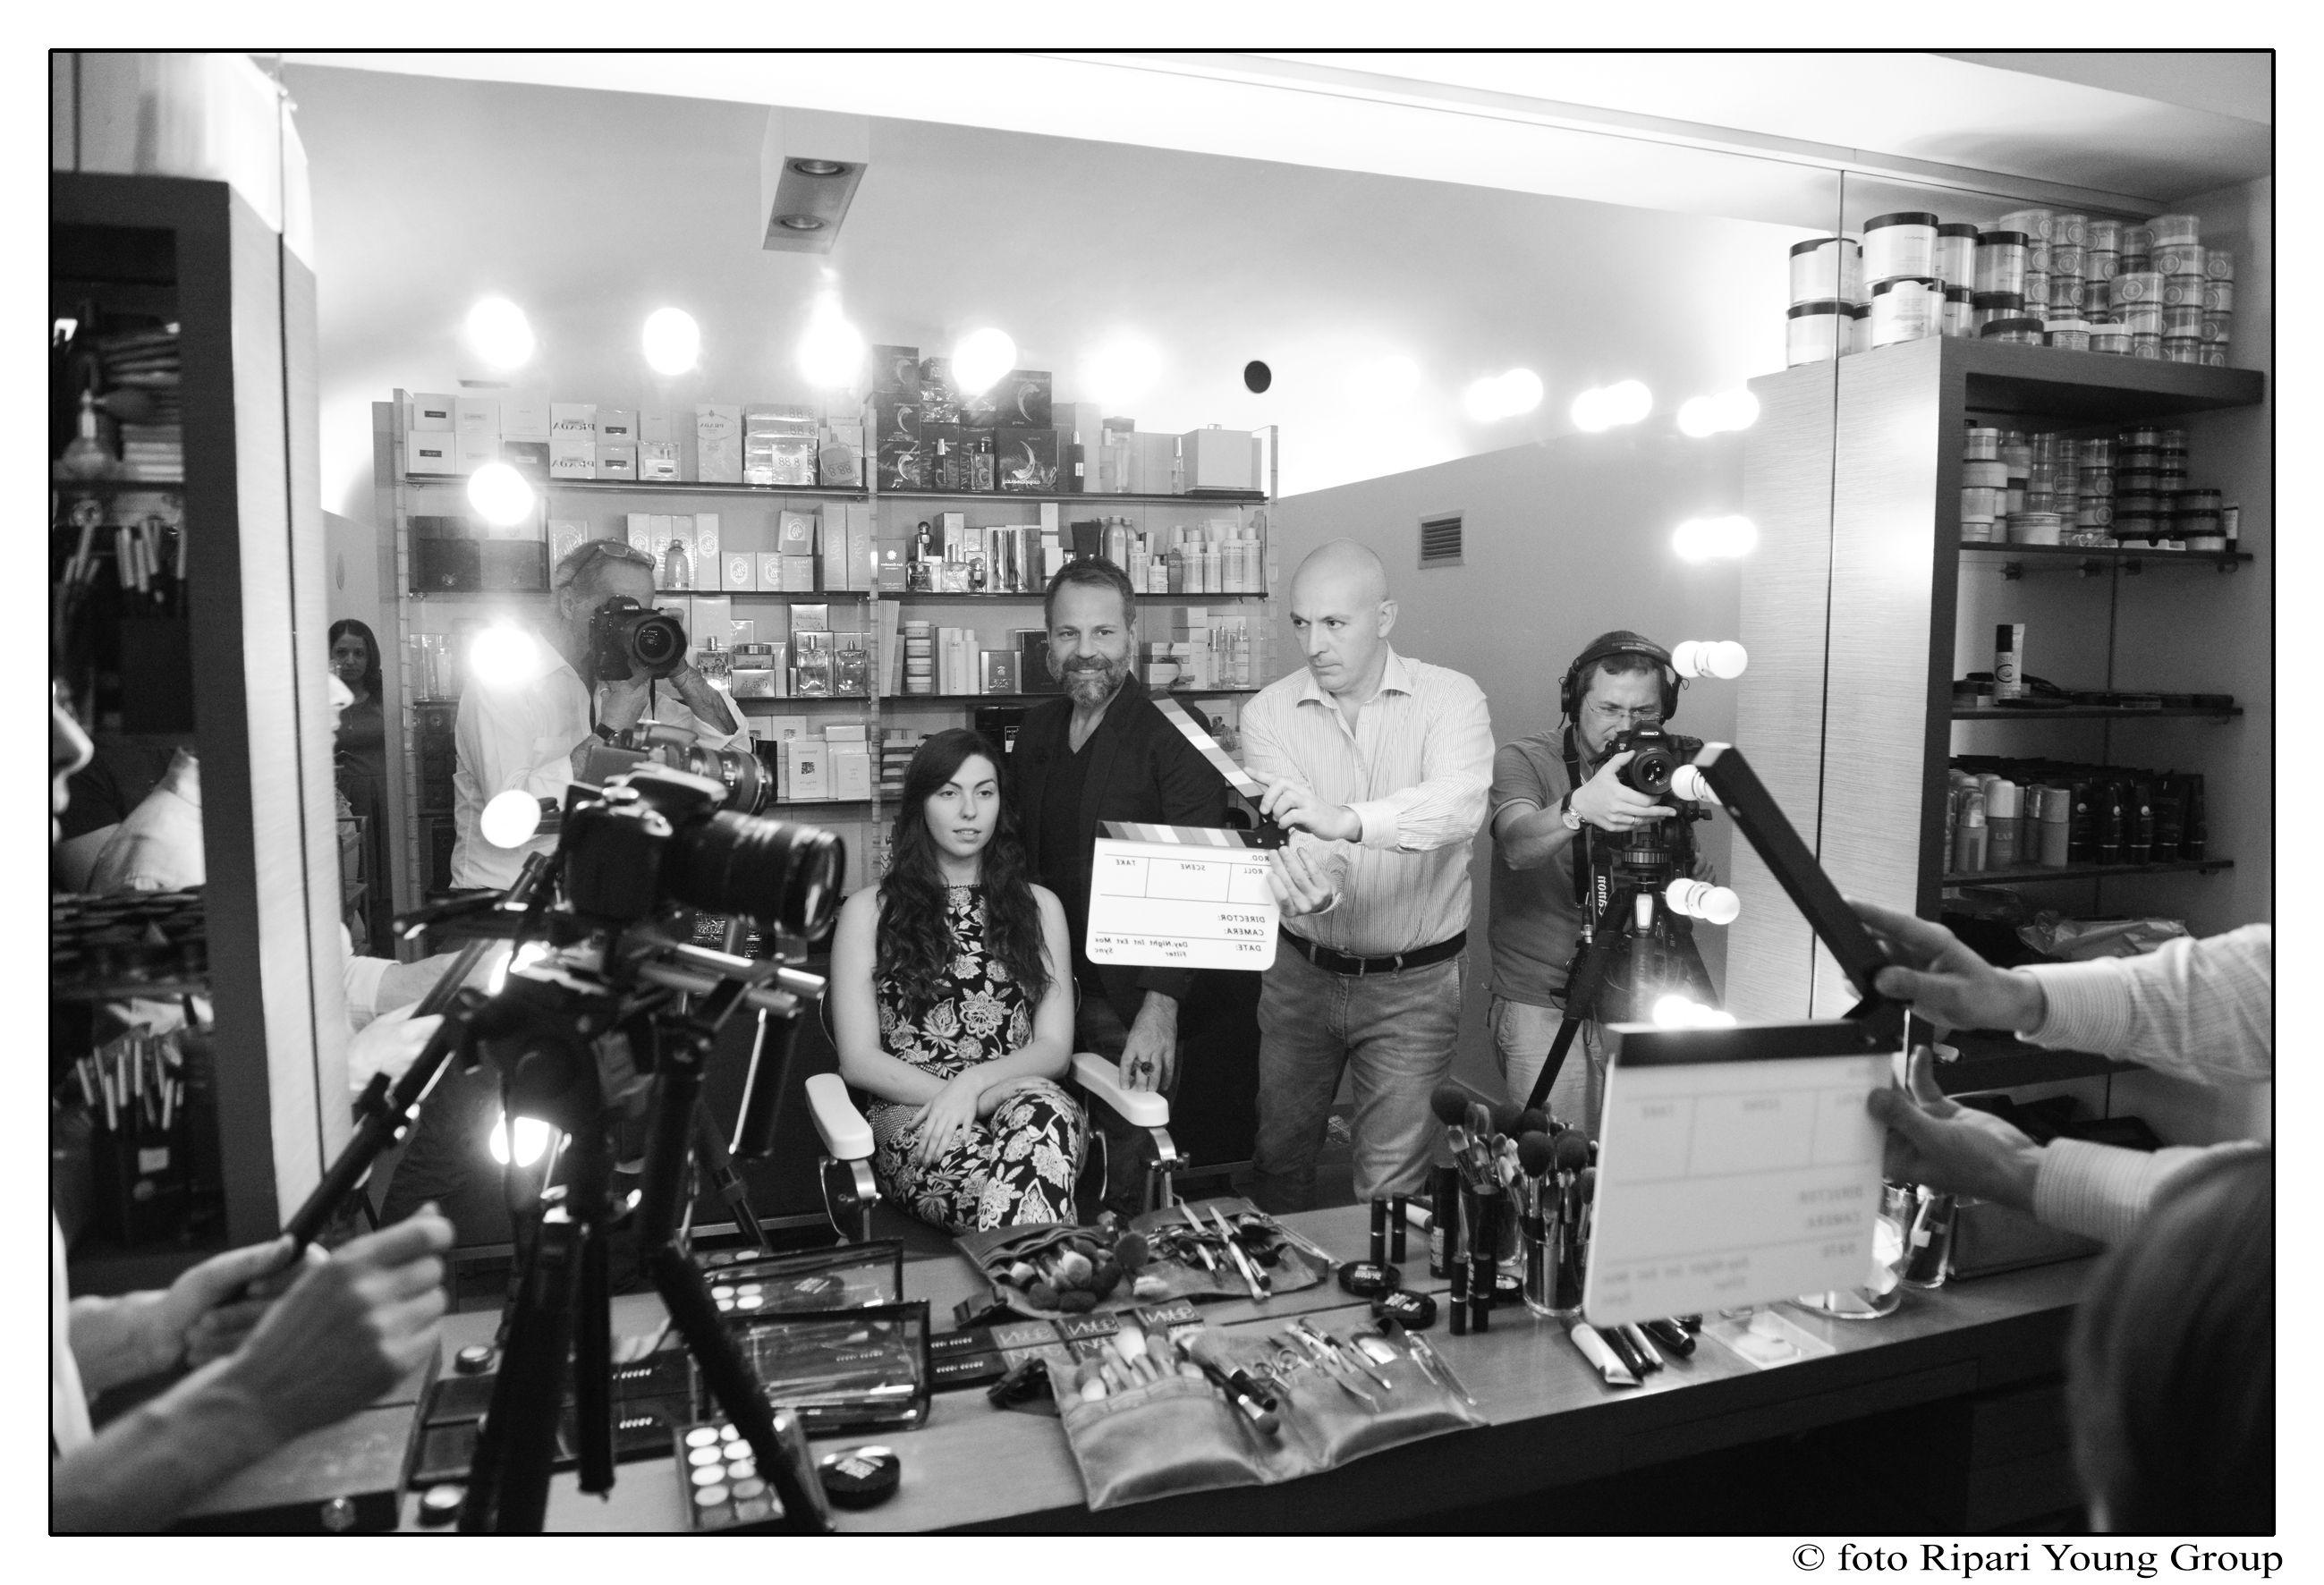 foto di RIPARI YOUNG GROUP, direttore di produzione Paolo Marra , regia Enrico Ripari, operatori Giuseppe e Hakim